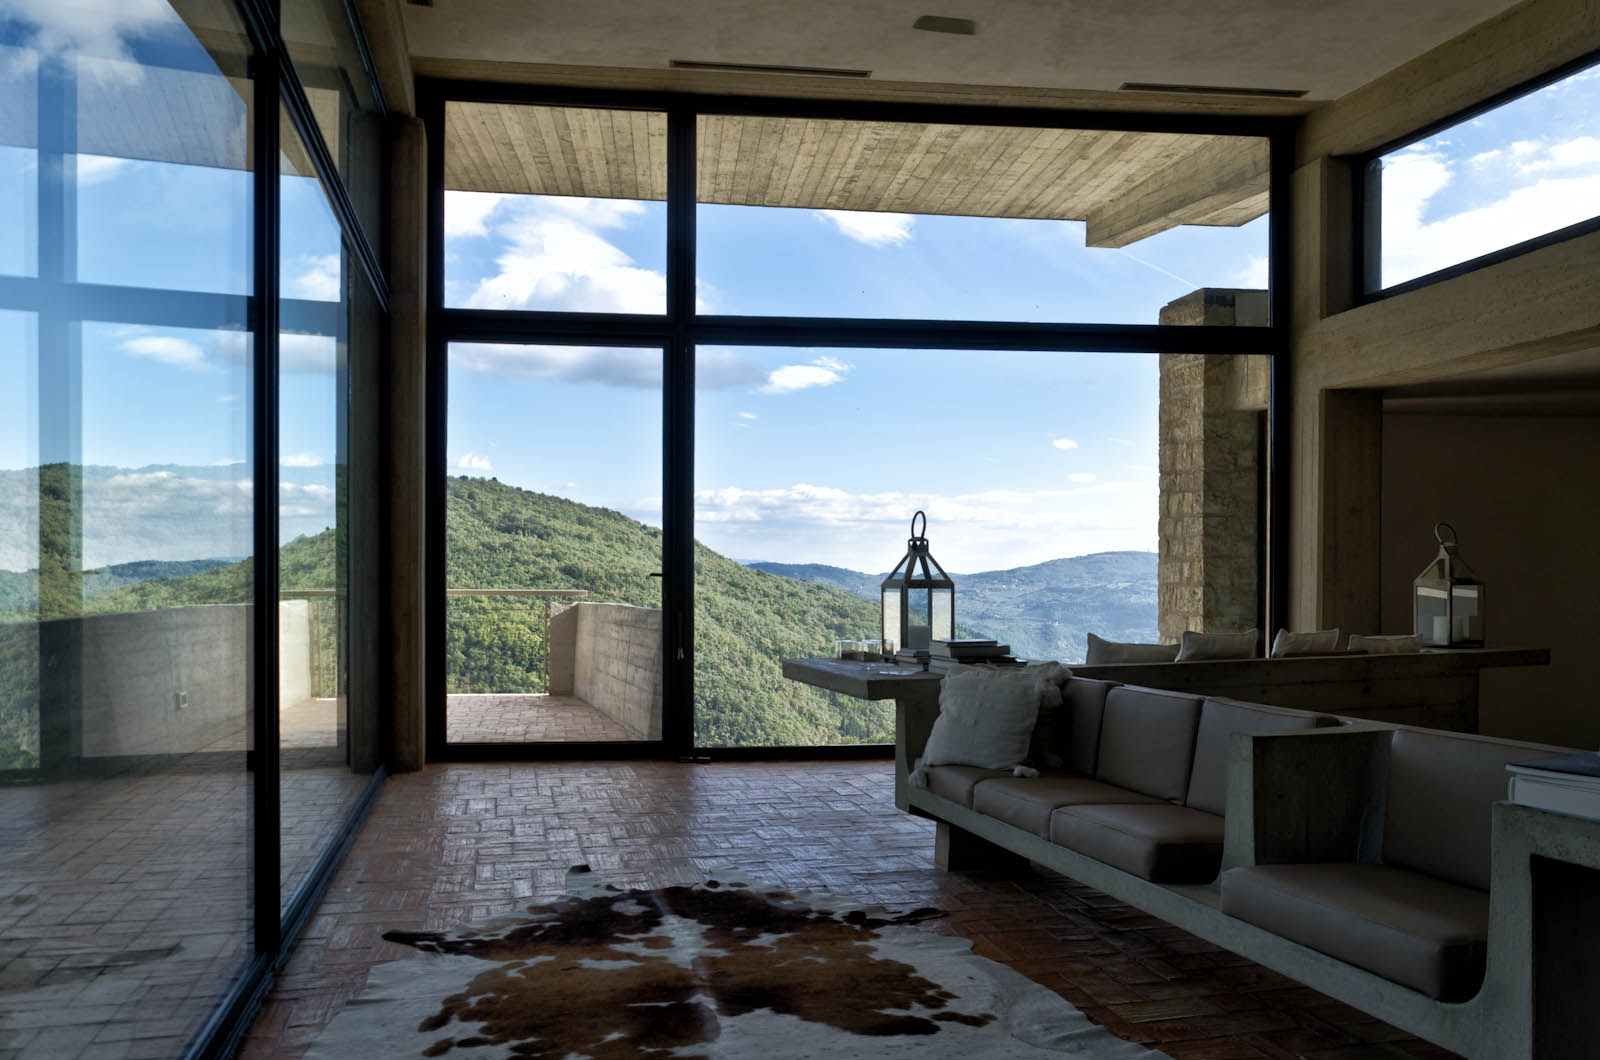 villa waddell in fiesole